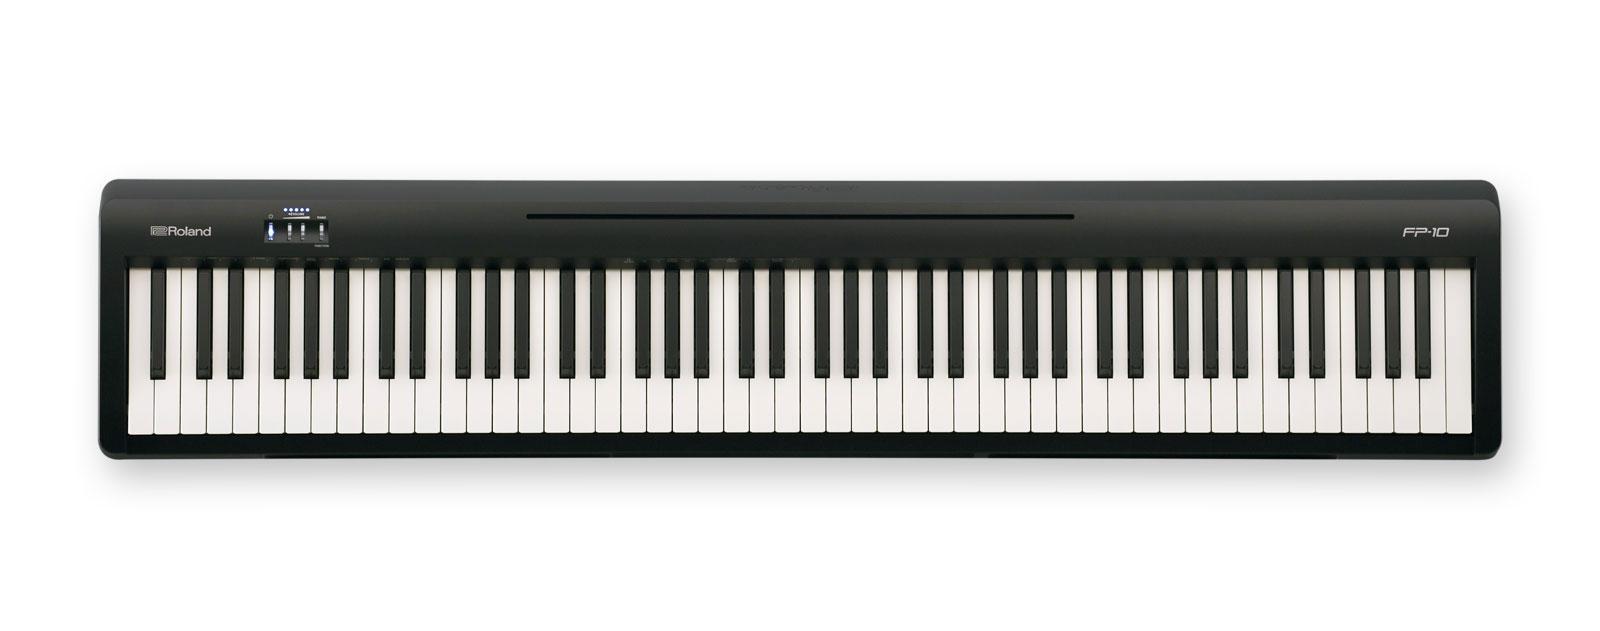 Stagepianos - Roland FP 10 BK Stagepiano - Onlineshop Musikhaus Kirstein